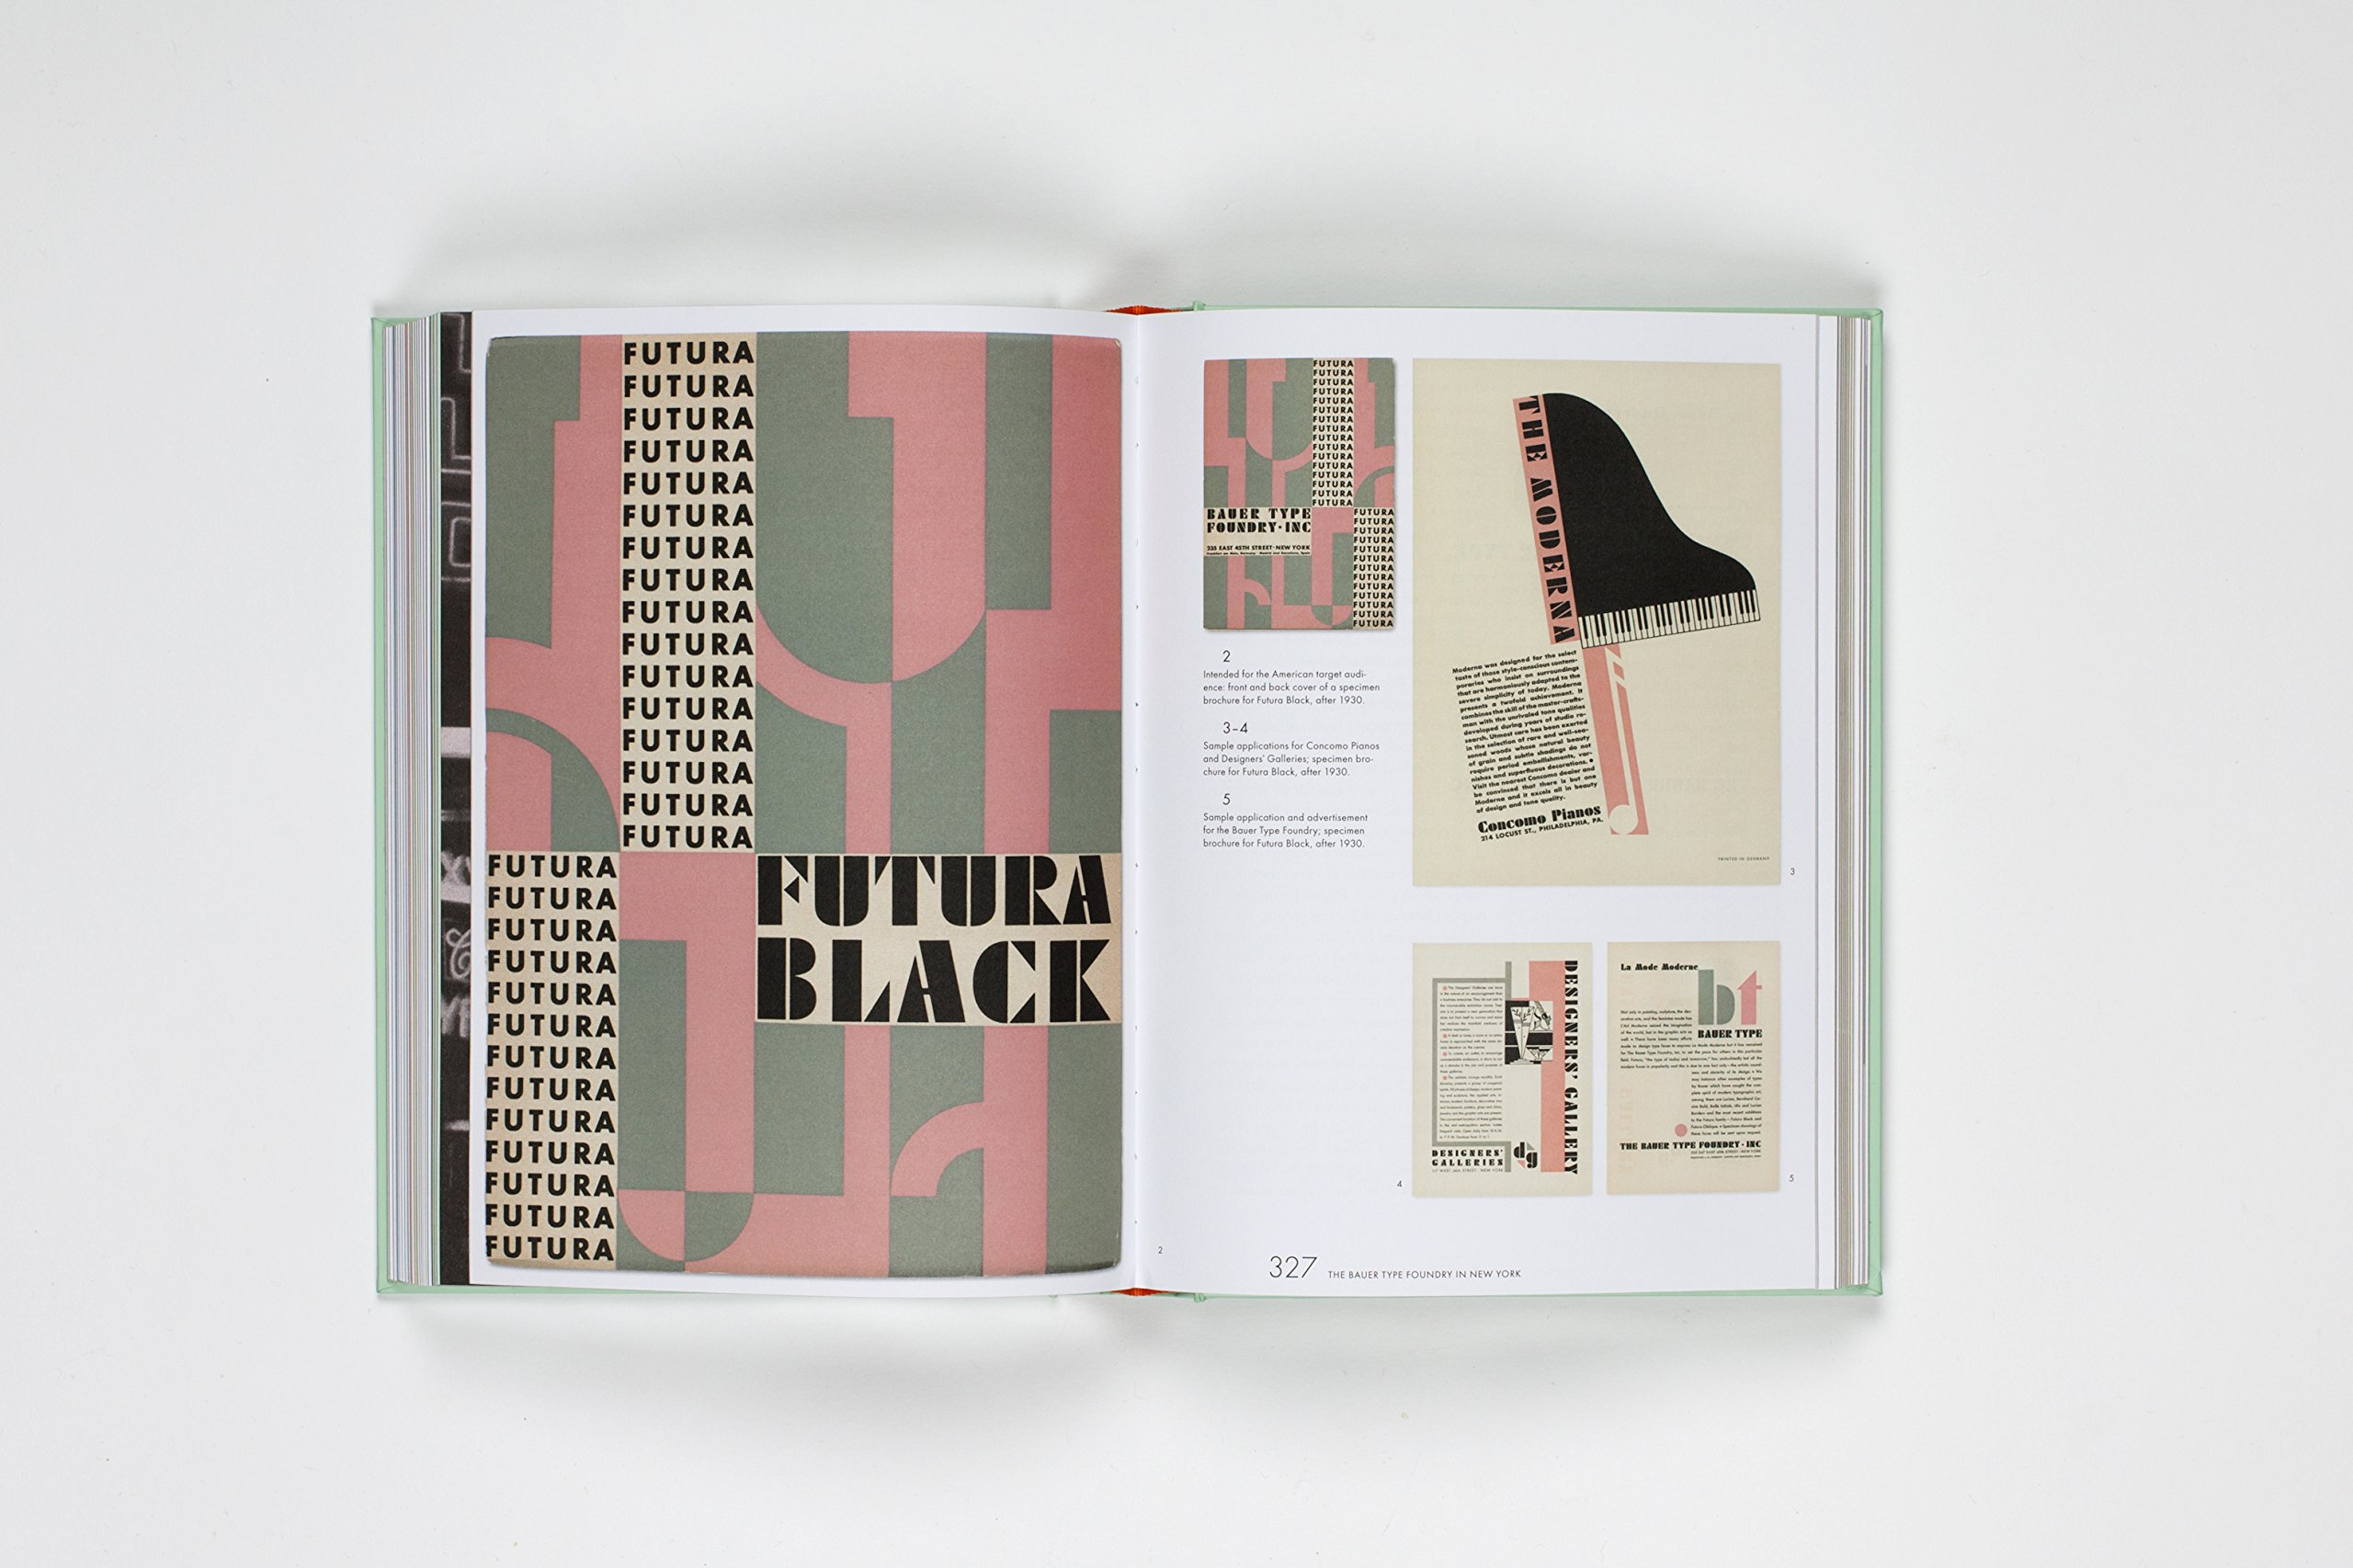 Futura Book Medium